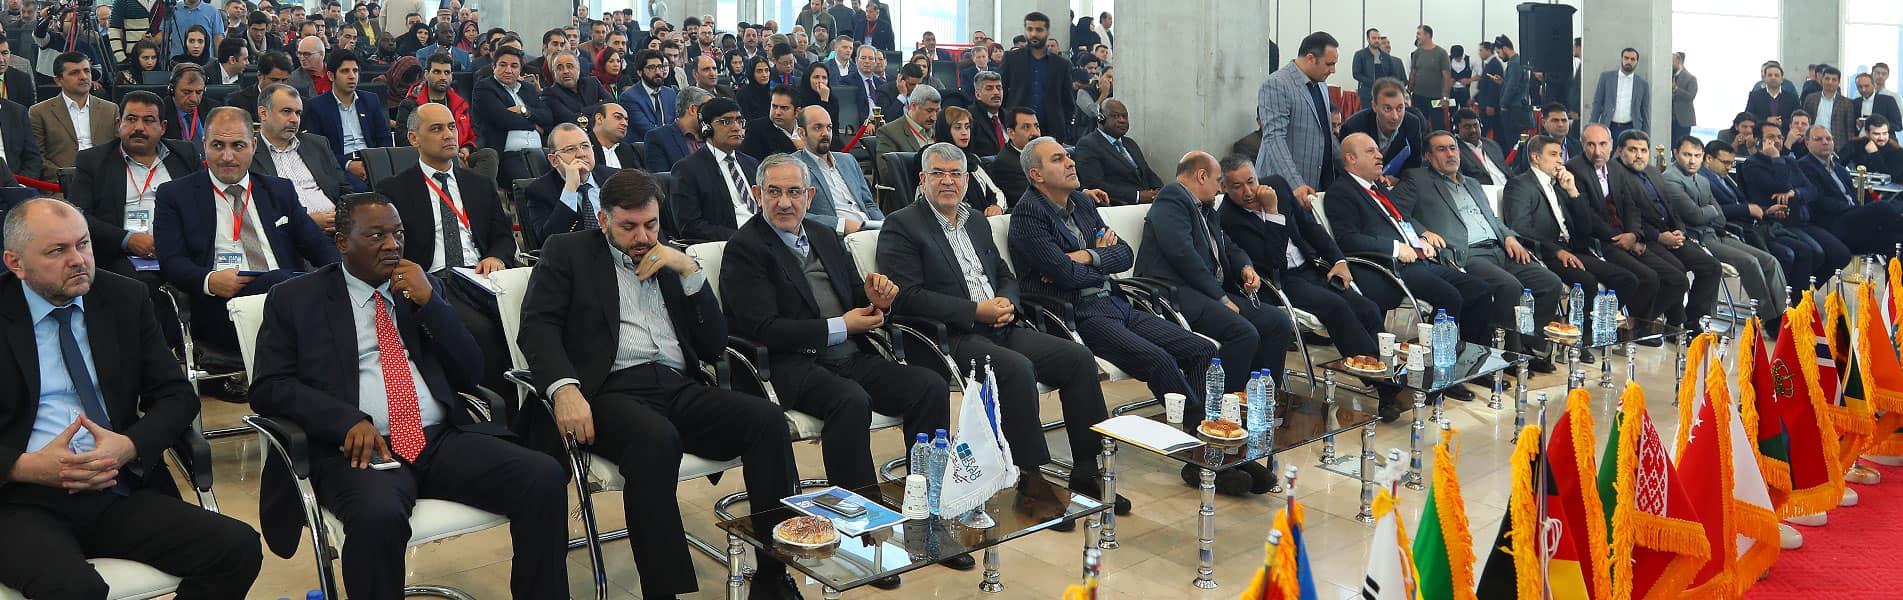 مراسم افتتاحیه (Iran expo 2018)